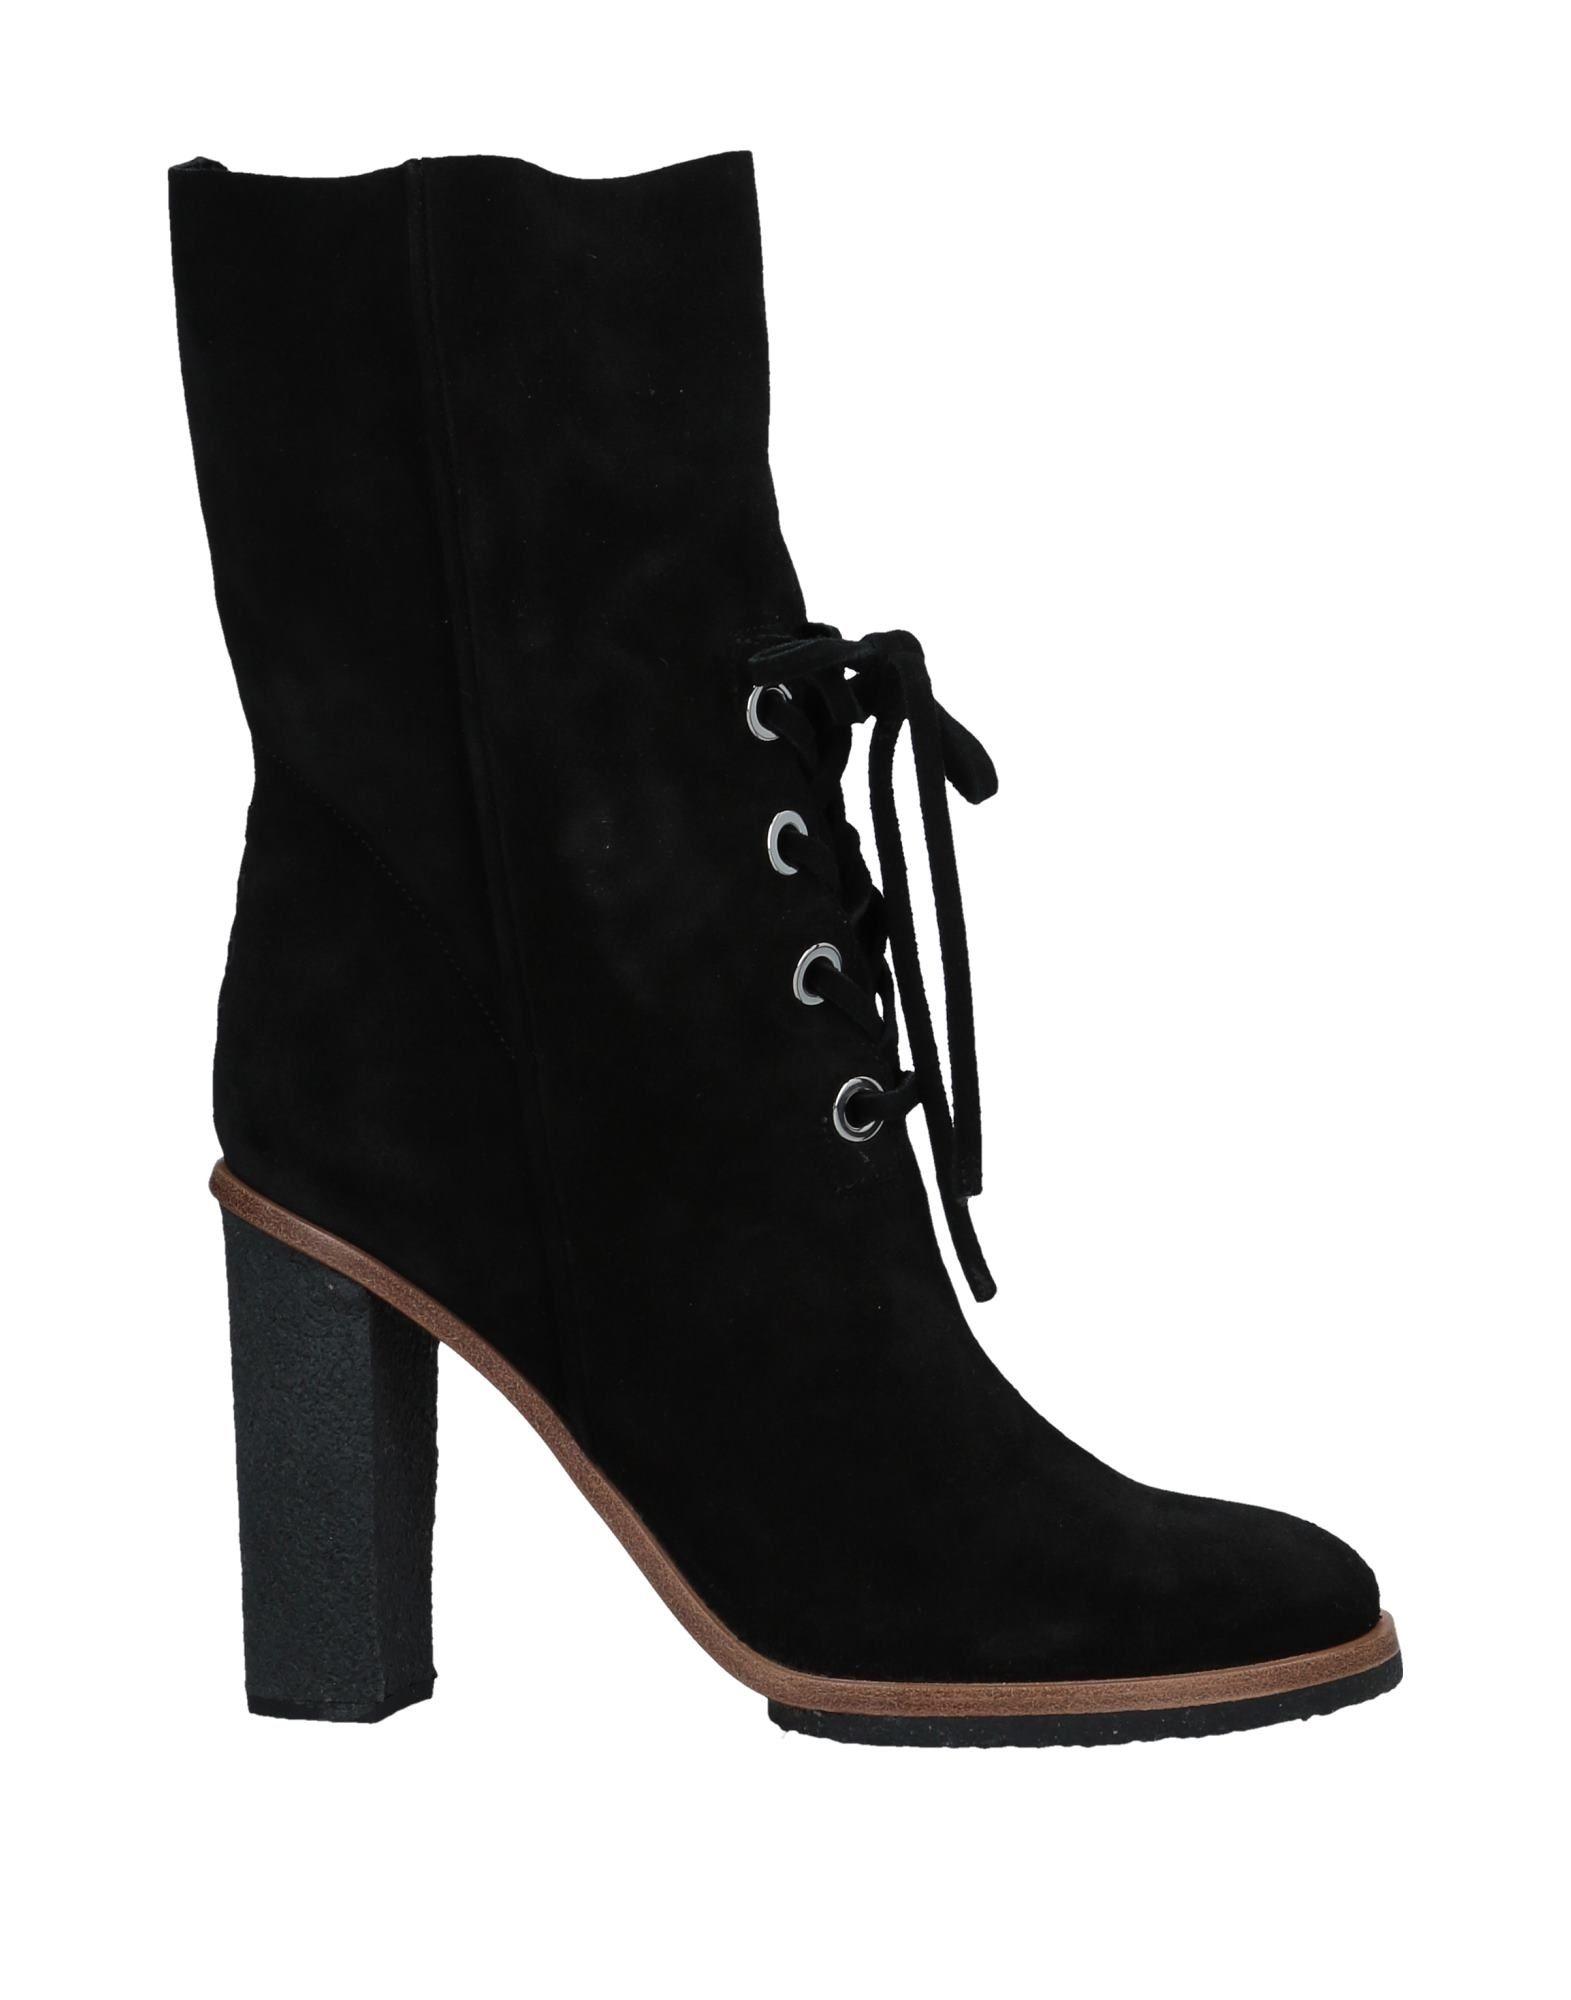 Proenza Schouler Stiefelette Damen  11530535DUGünstige gut aussehende Schuhe